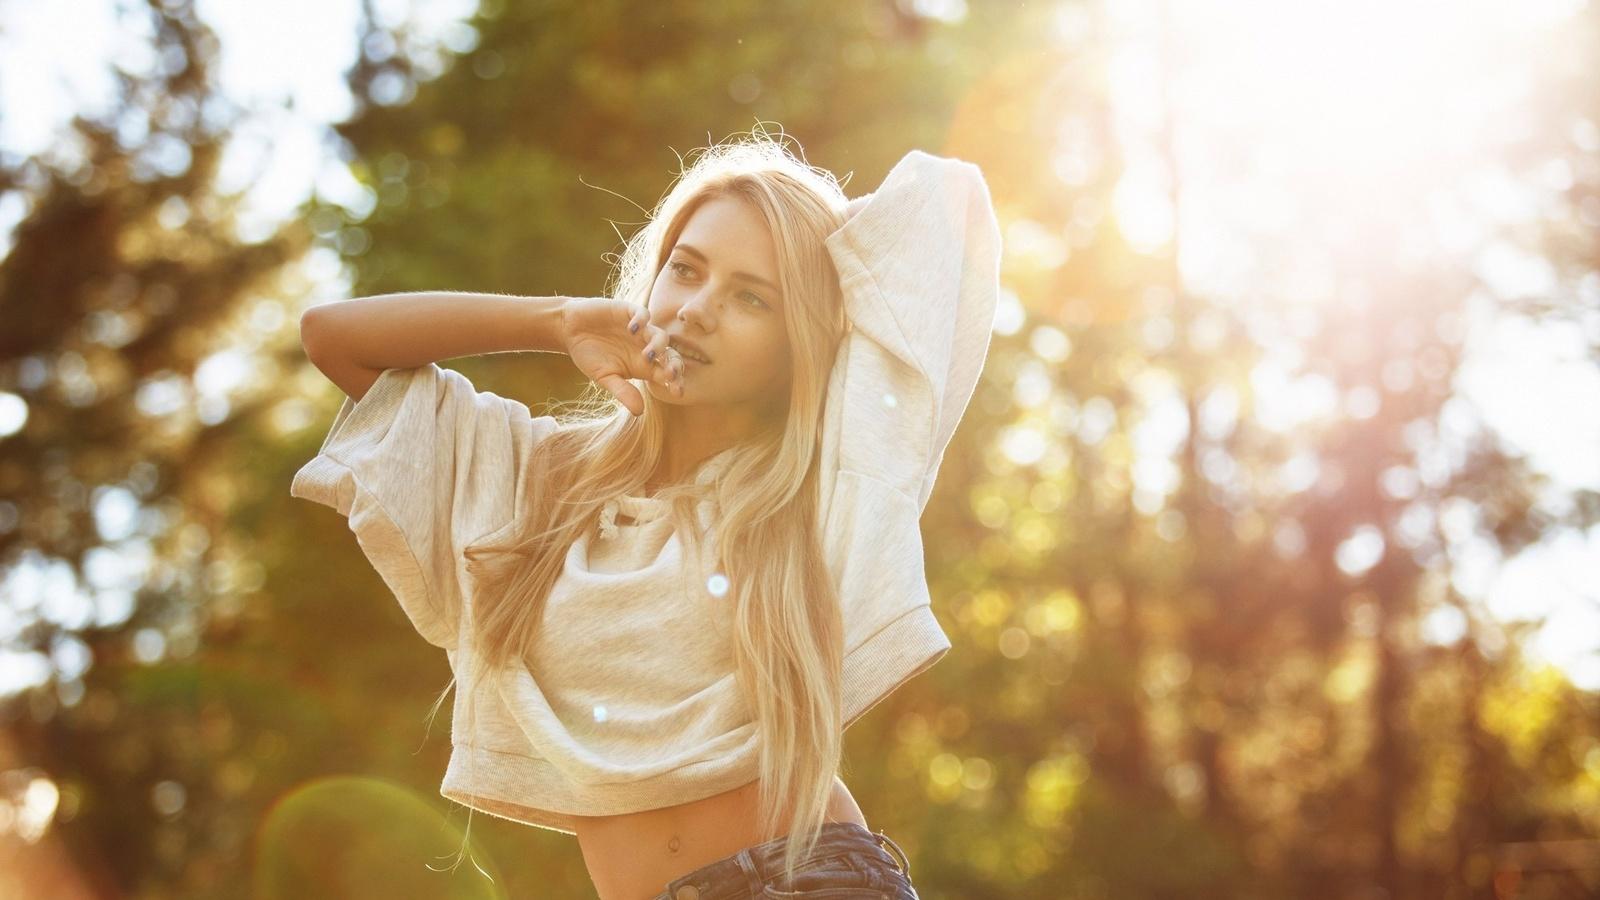 фотограф, алексей цыганов, модель, алена ушкина, блонда, длинные волосы, портрет , на природе, солнечный свет, alexey tsyganov, блики, alena ushkova, алена аганова